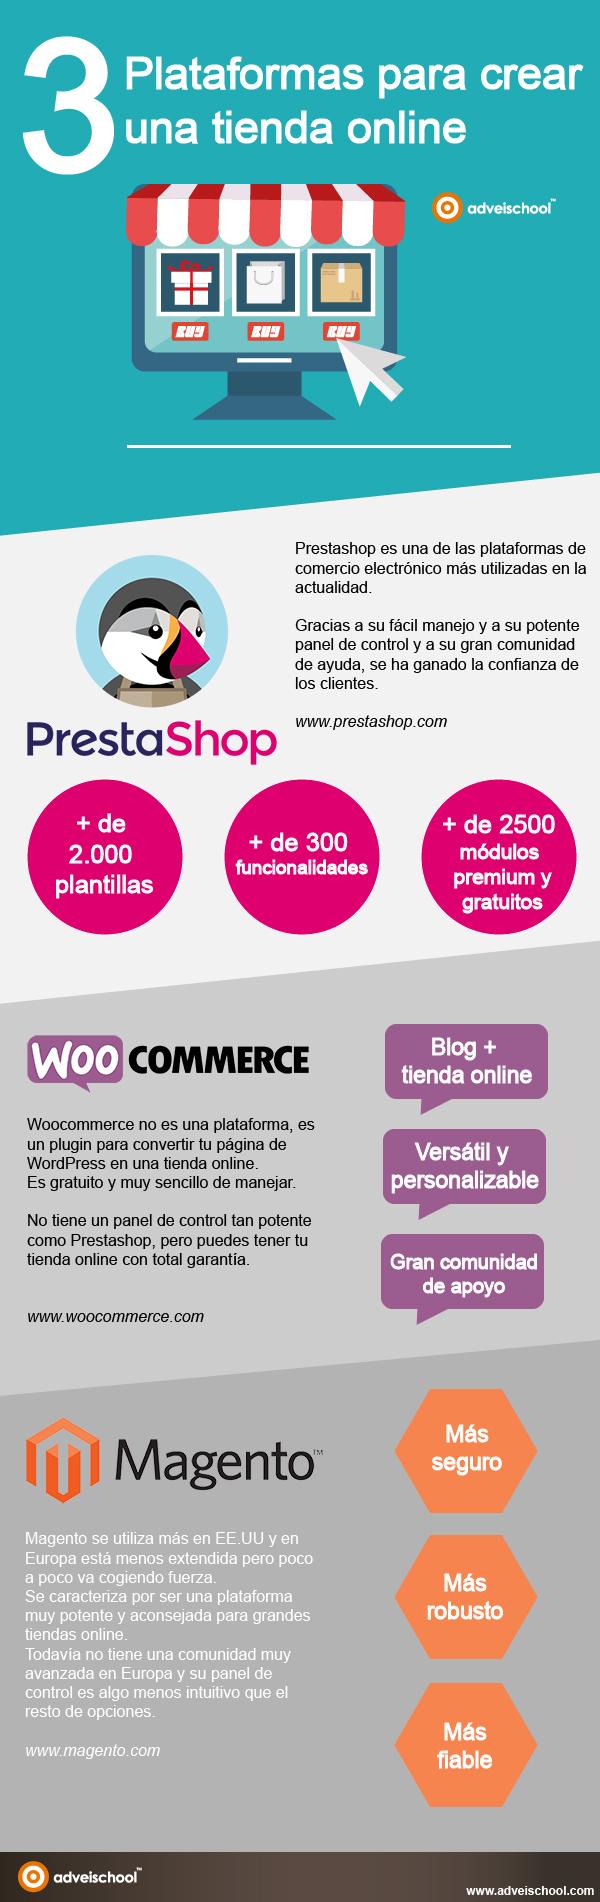 3 plataformas para crear una Tienda Online